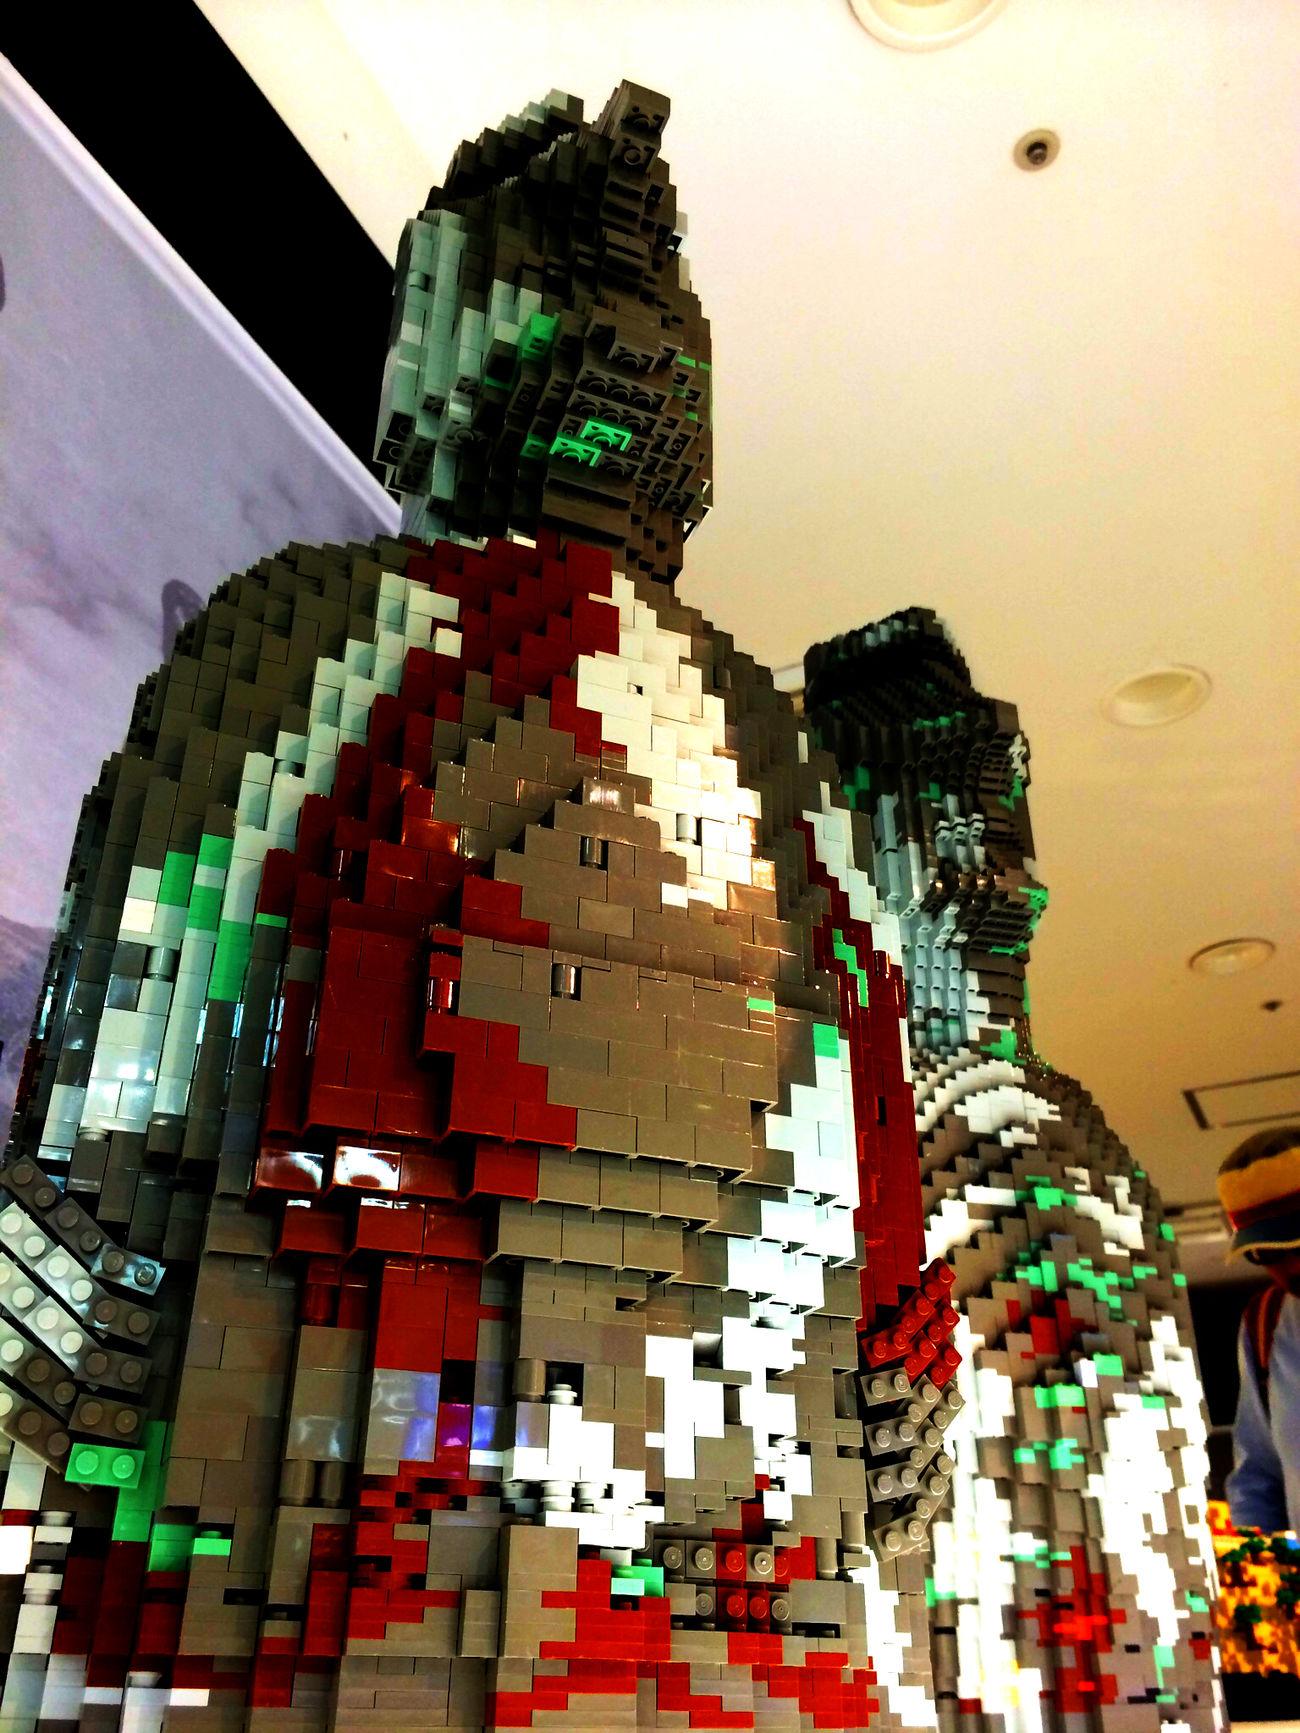 レゴ LEGO の モアイ像 Moai 。最近、地中に埋まっていた、妙に姿勢の良い全身象が発見されたそうですね。